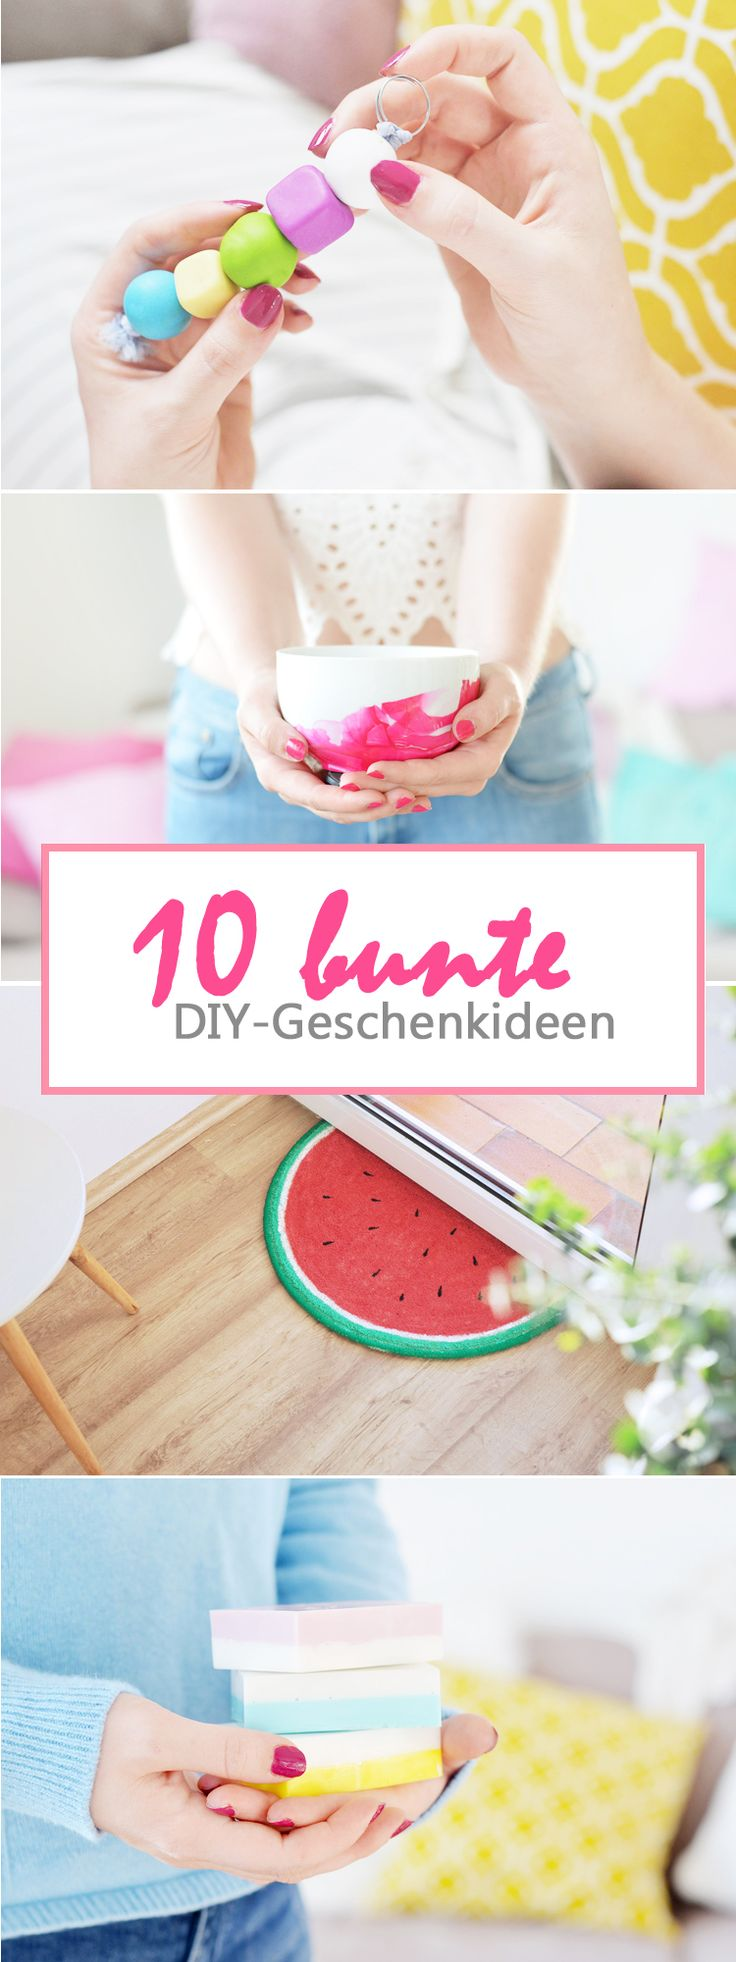 10 bunte DIY Geschenkideen für Muttertag: selbstgemachte Geschenke für wenig Geld: https://bonnyundkleid.com/2017/05/diy-bunte-geschenkideen-fuer-muttertag/